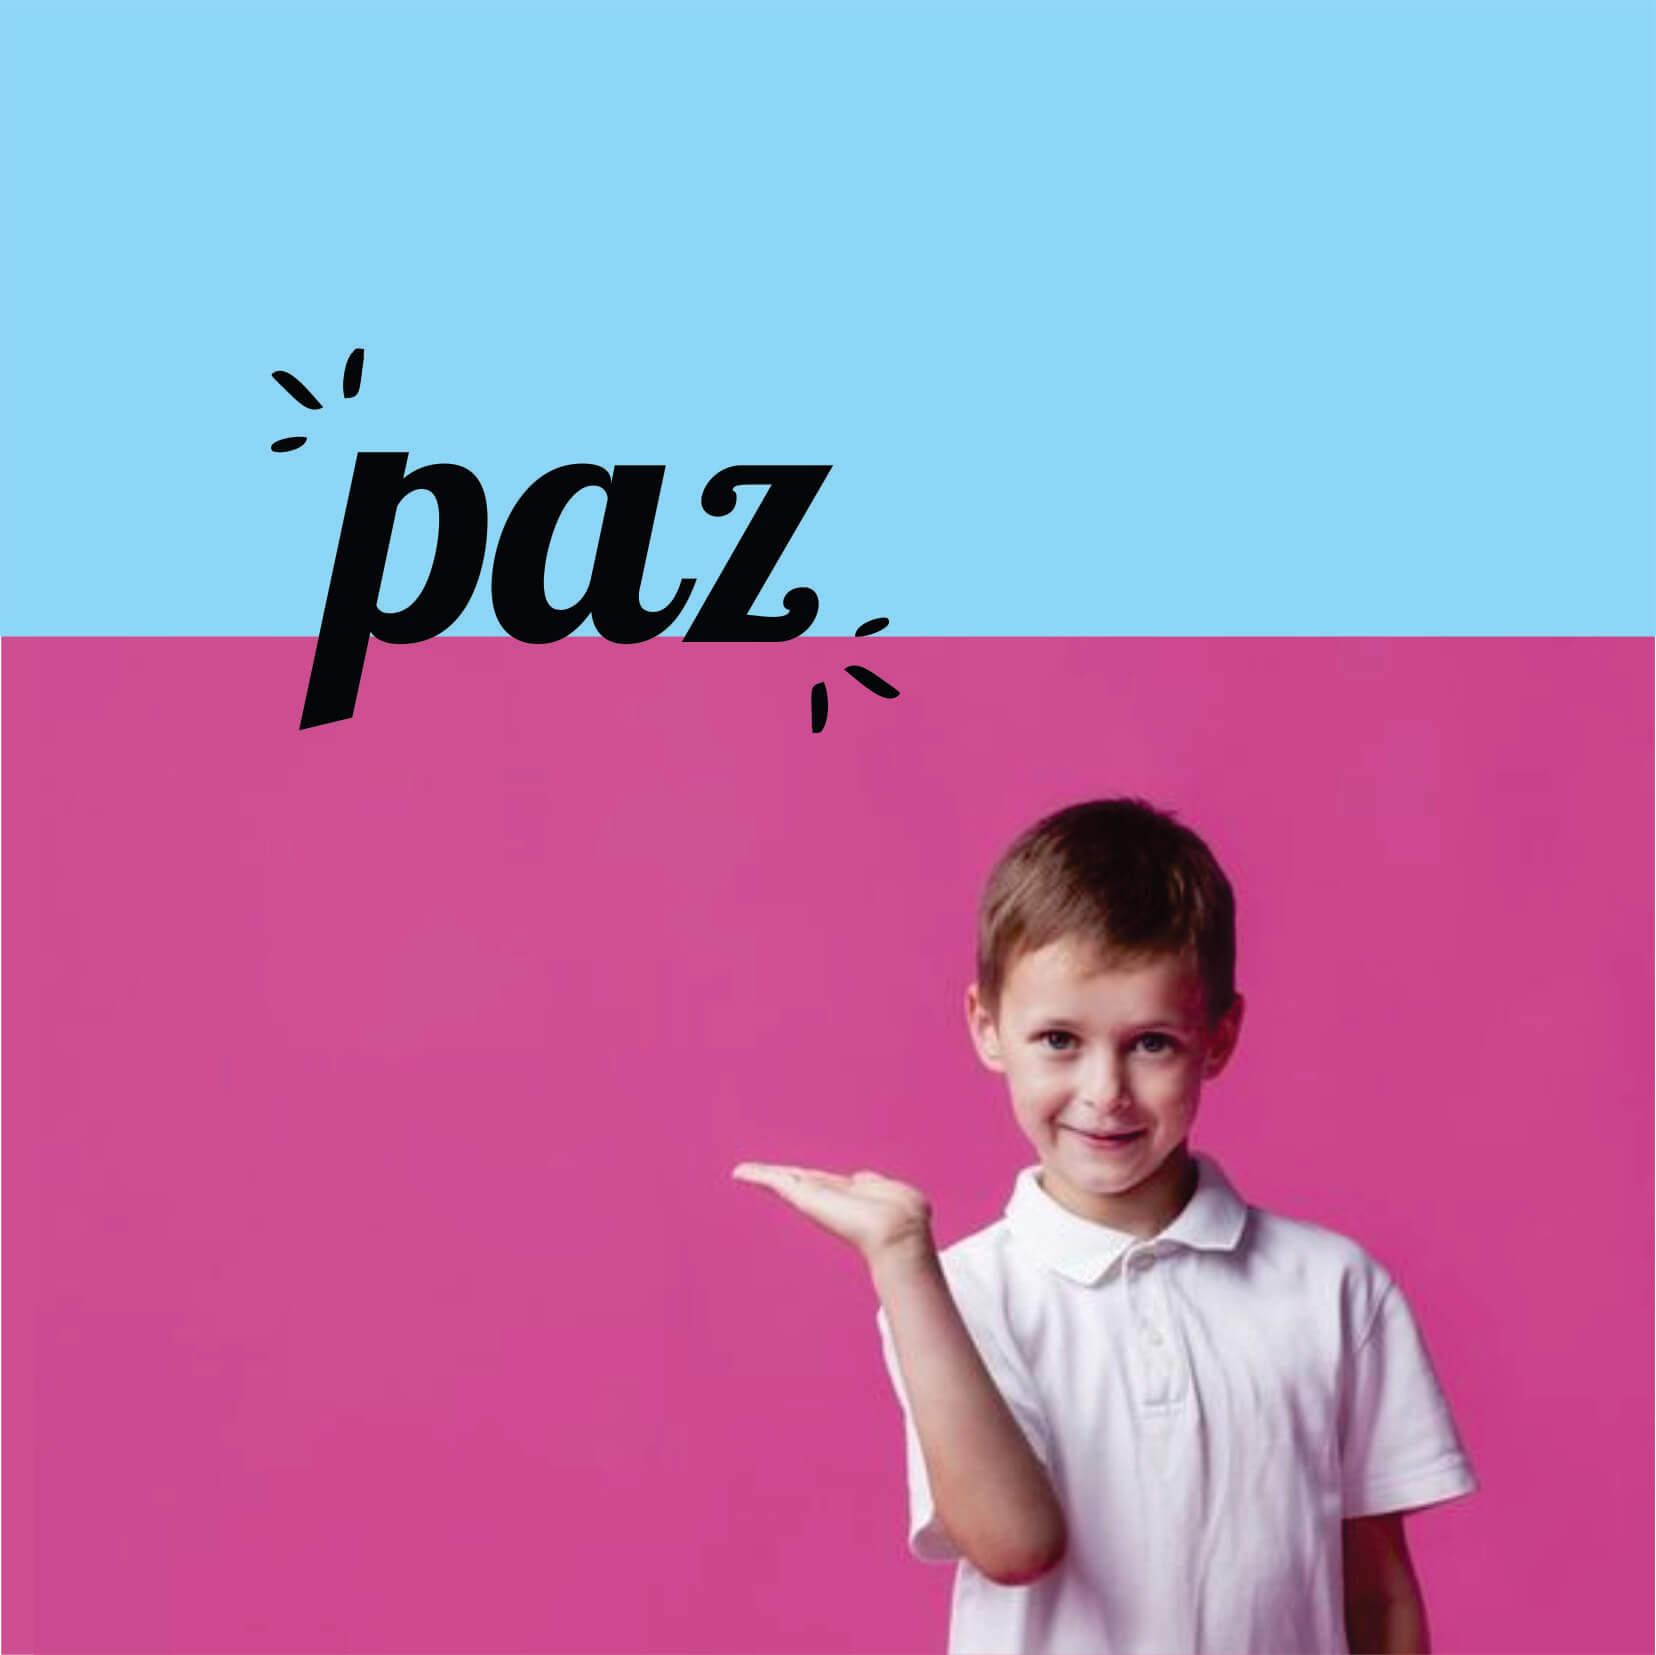 PAZ PALAVRA ADESIVA